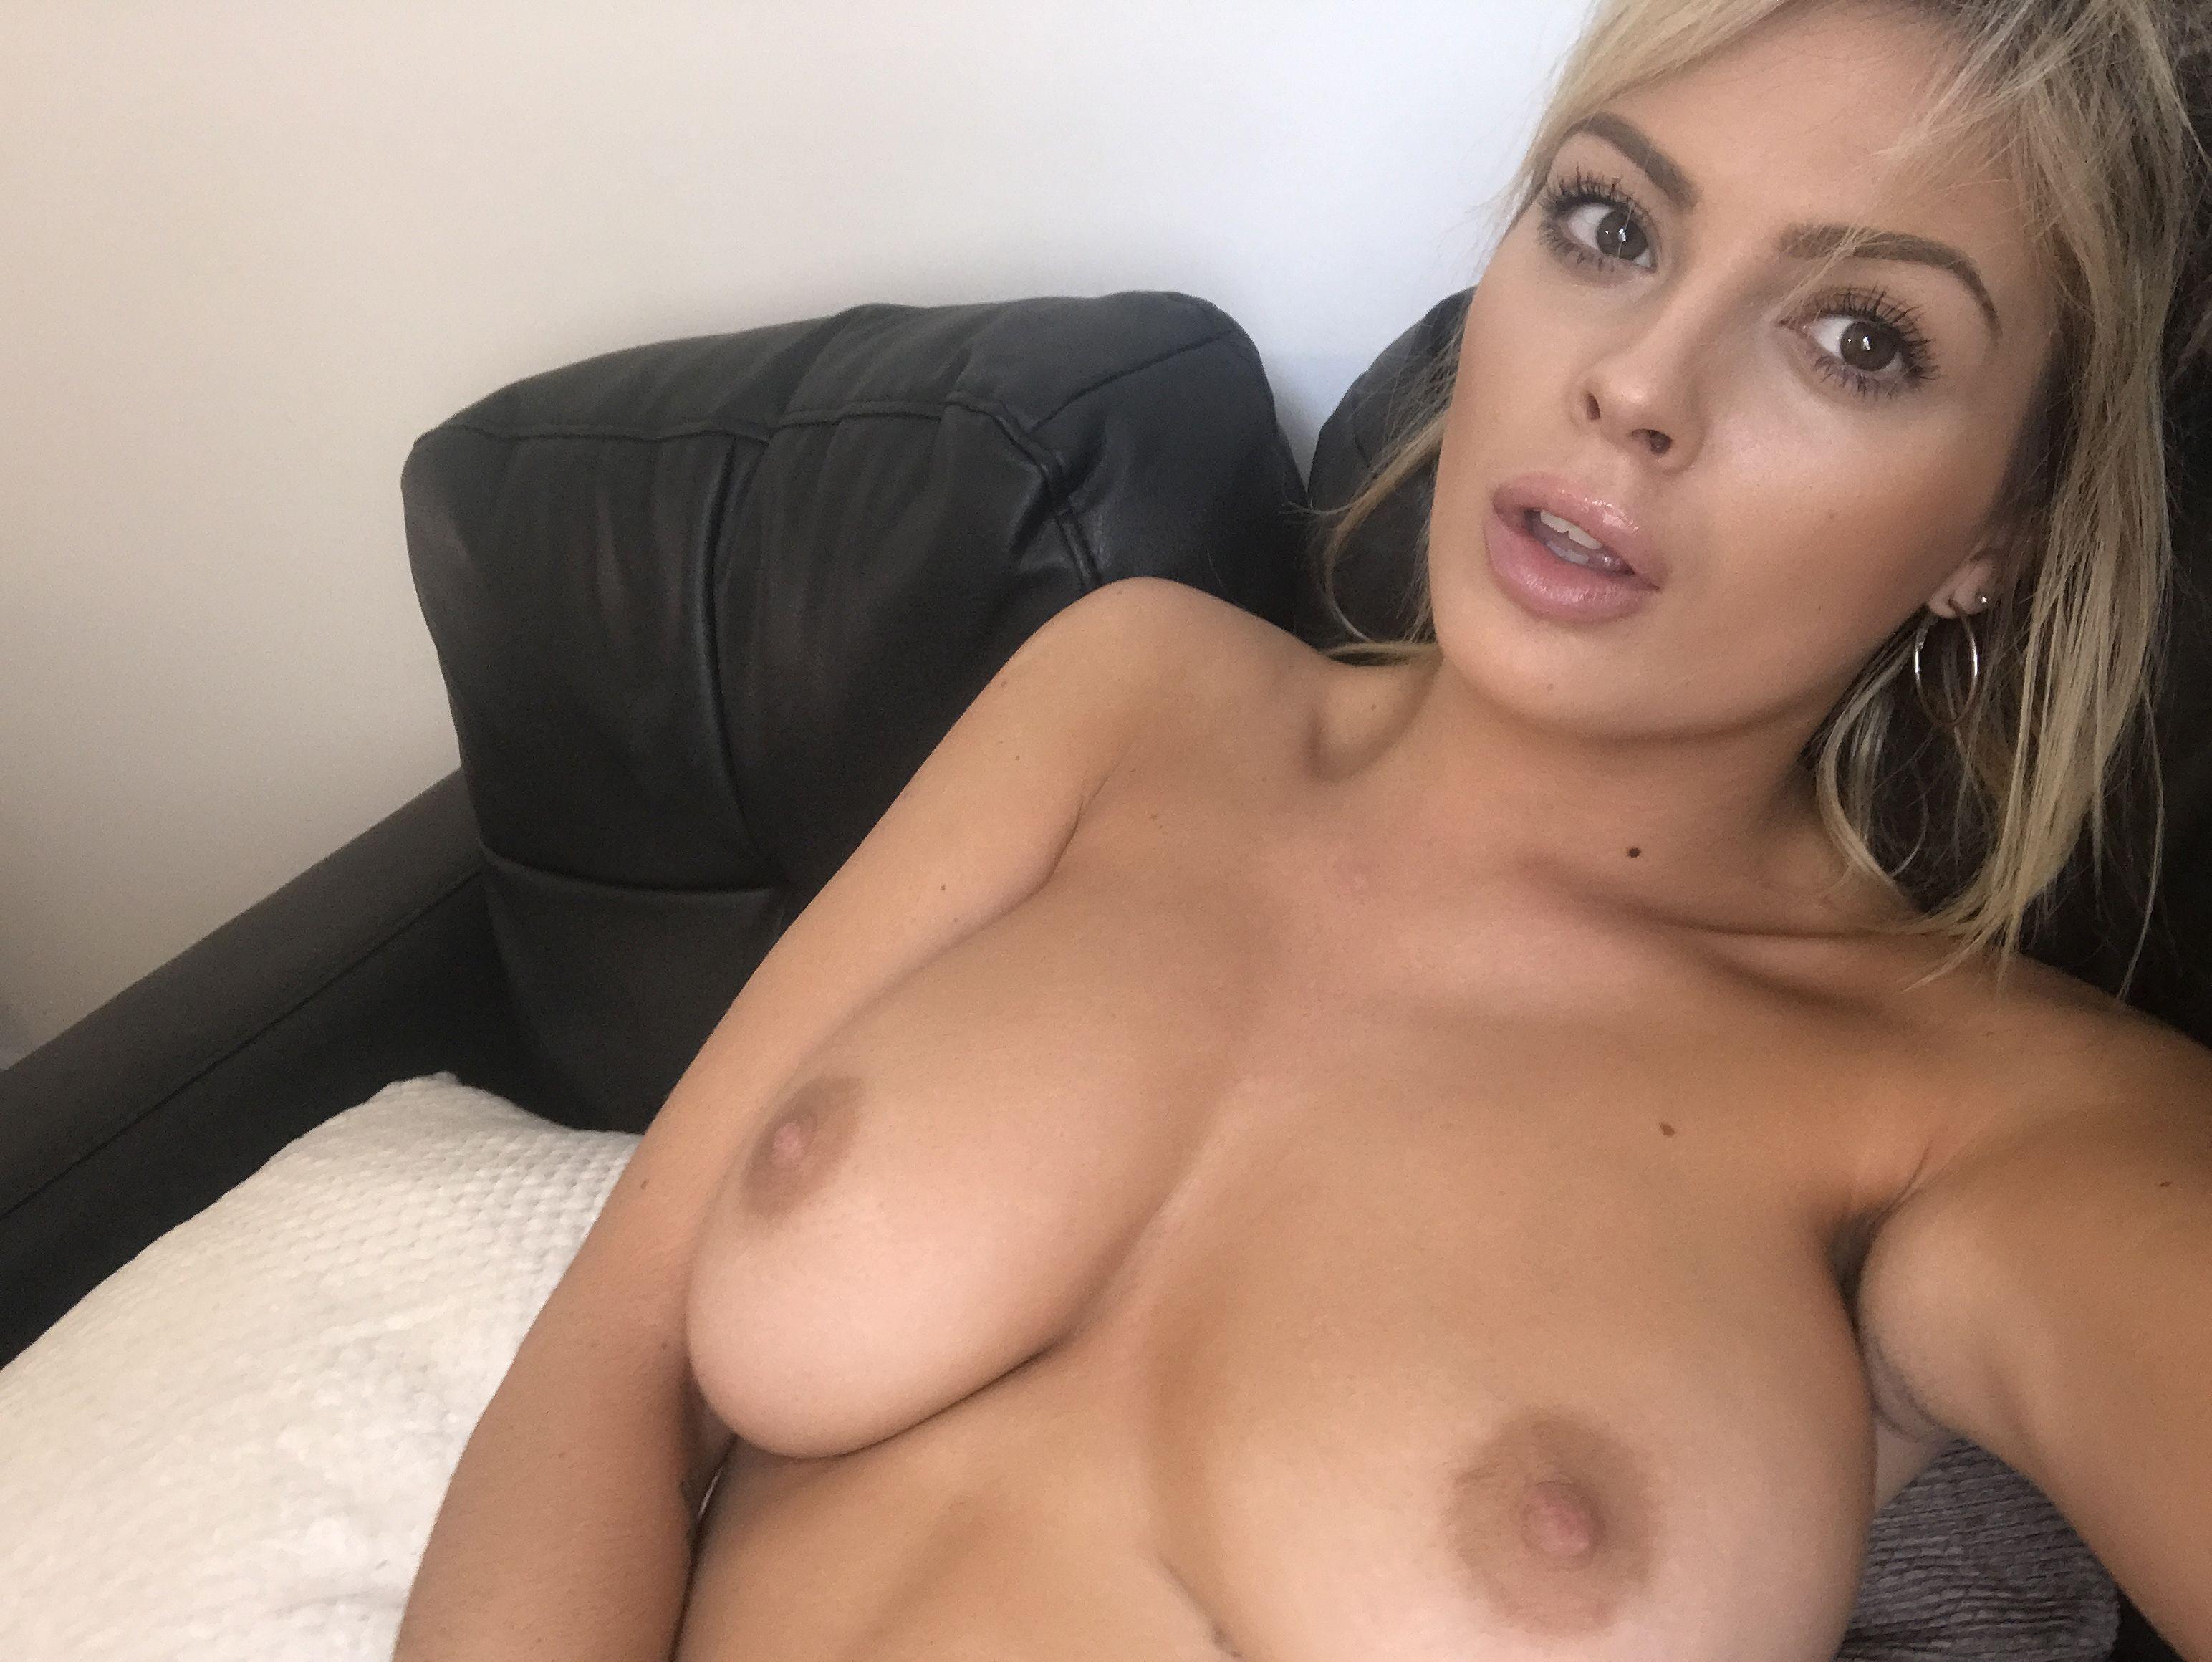 Radea nude pics